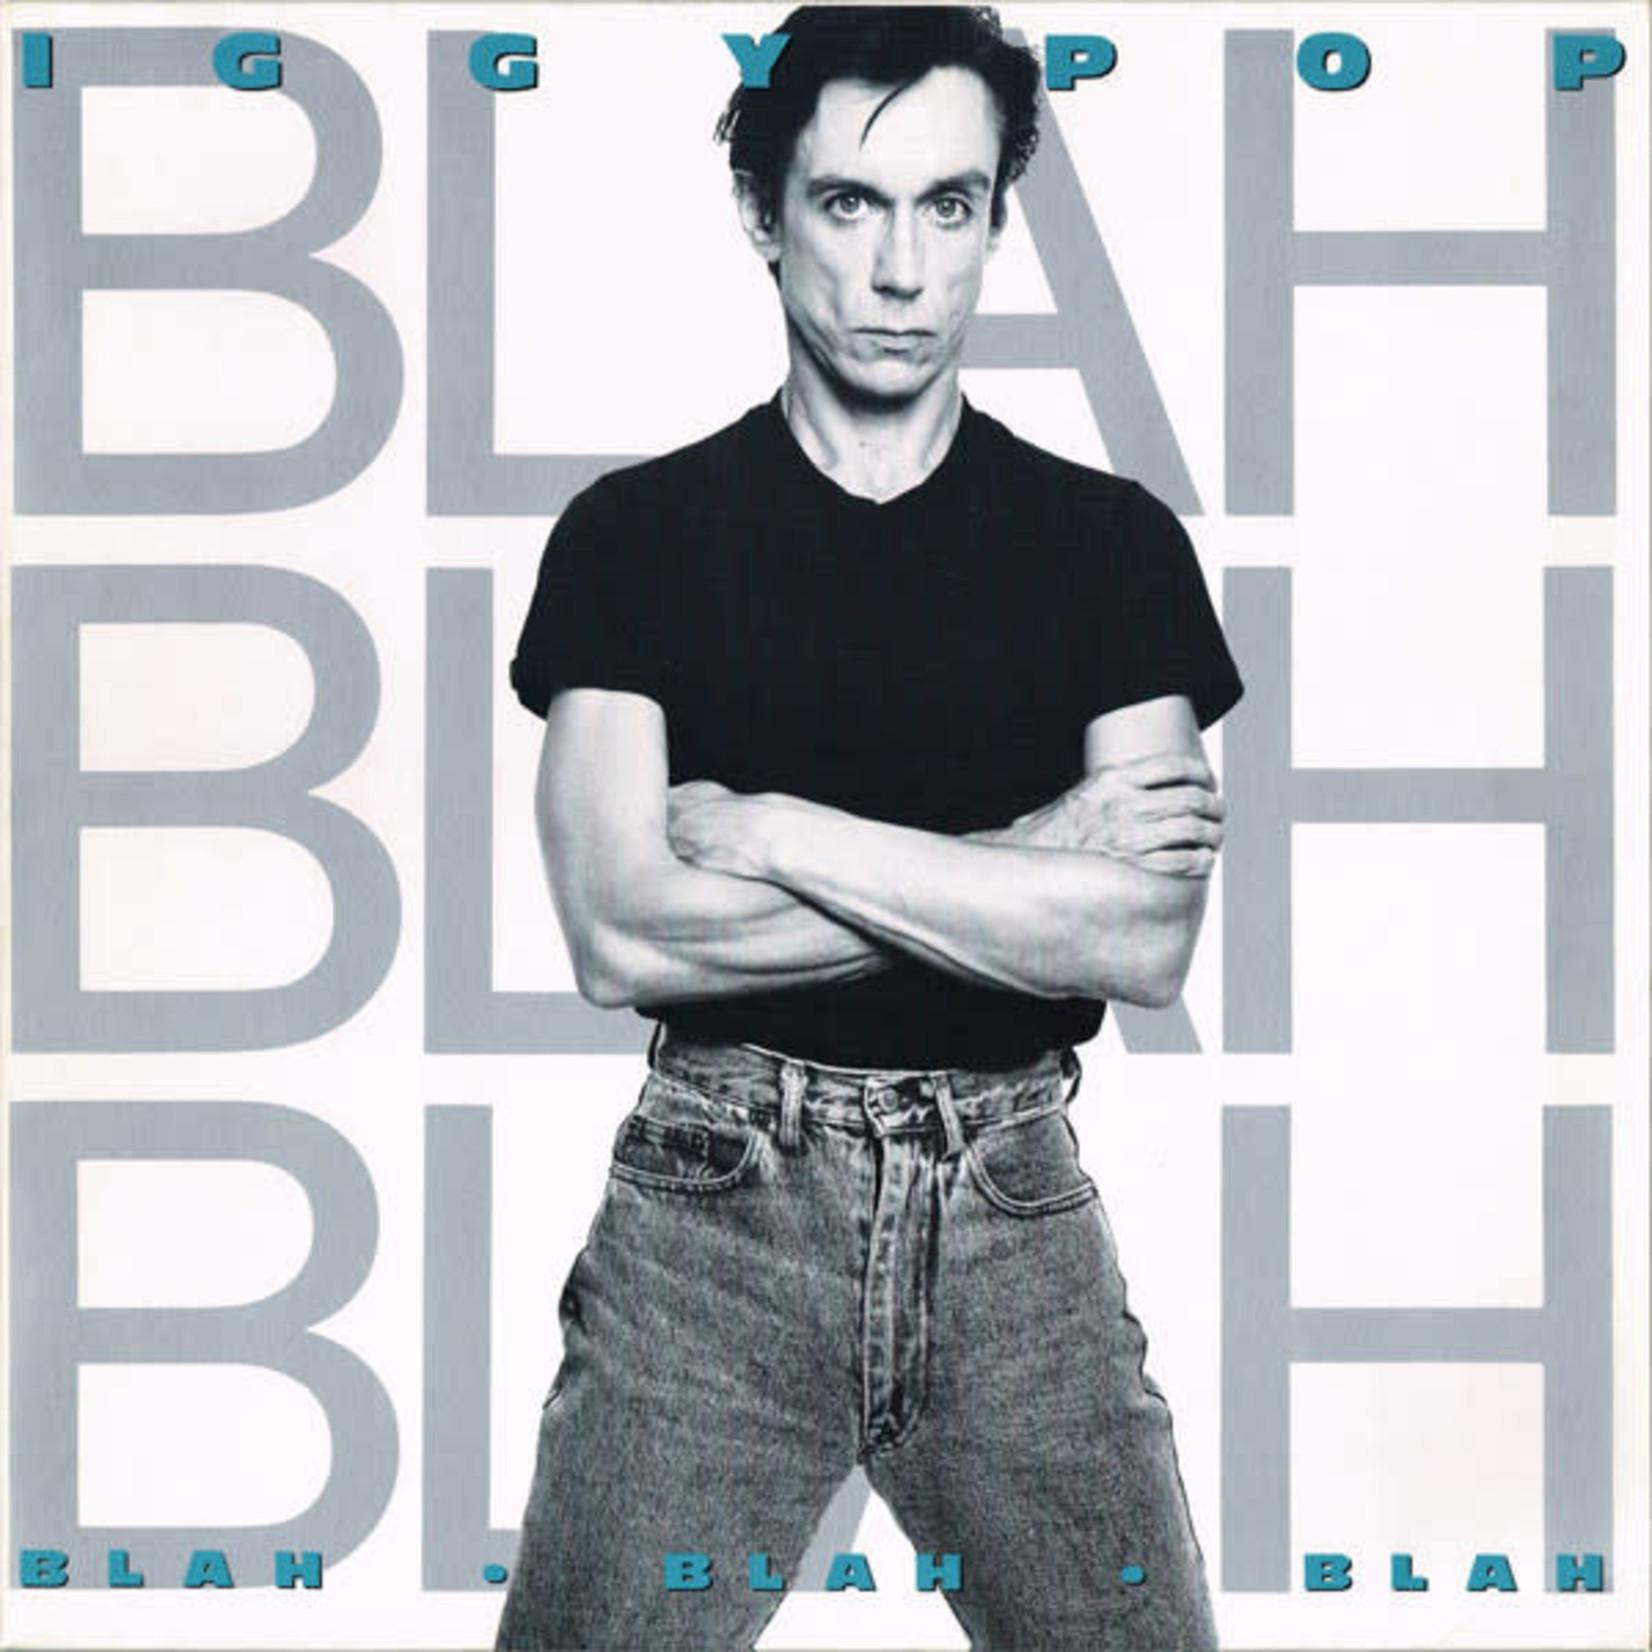 [Vintage] Pop, Iggy (Stooges): Blah Blah Blah